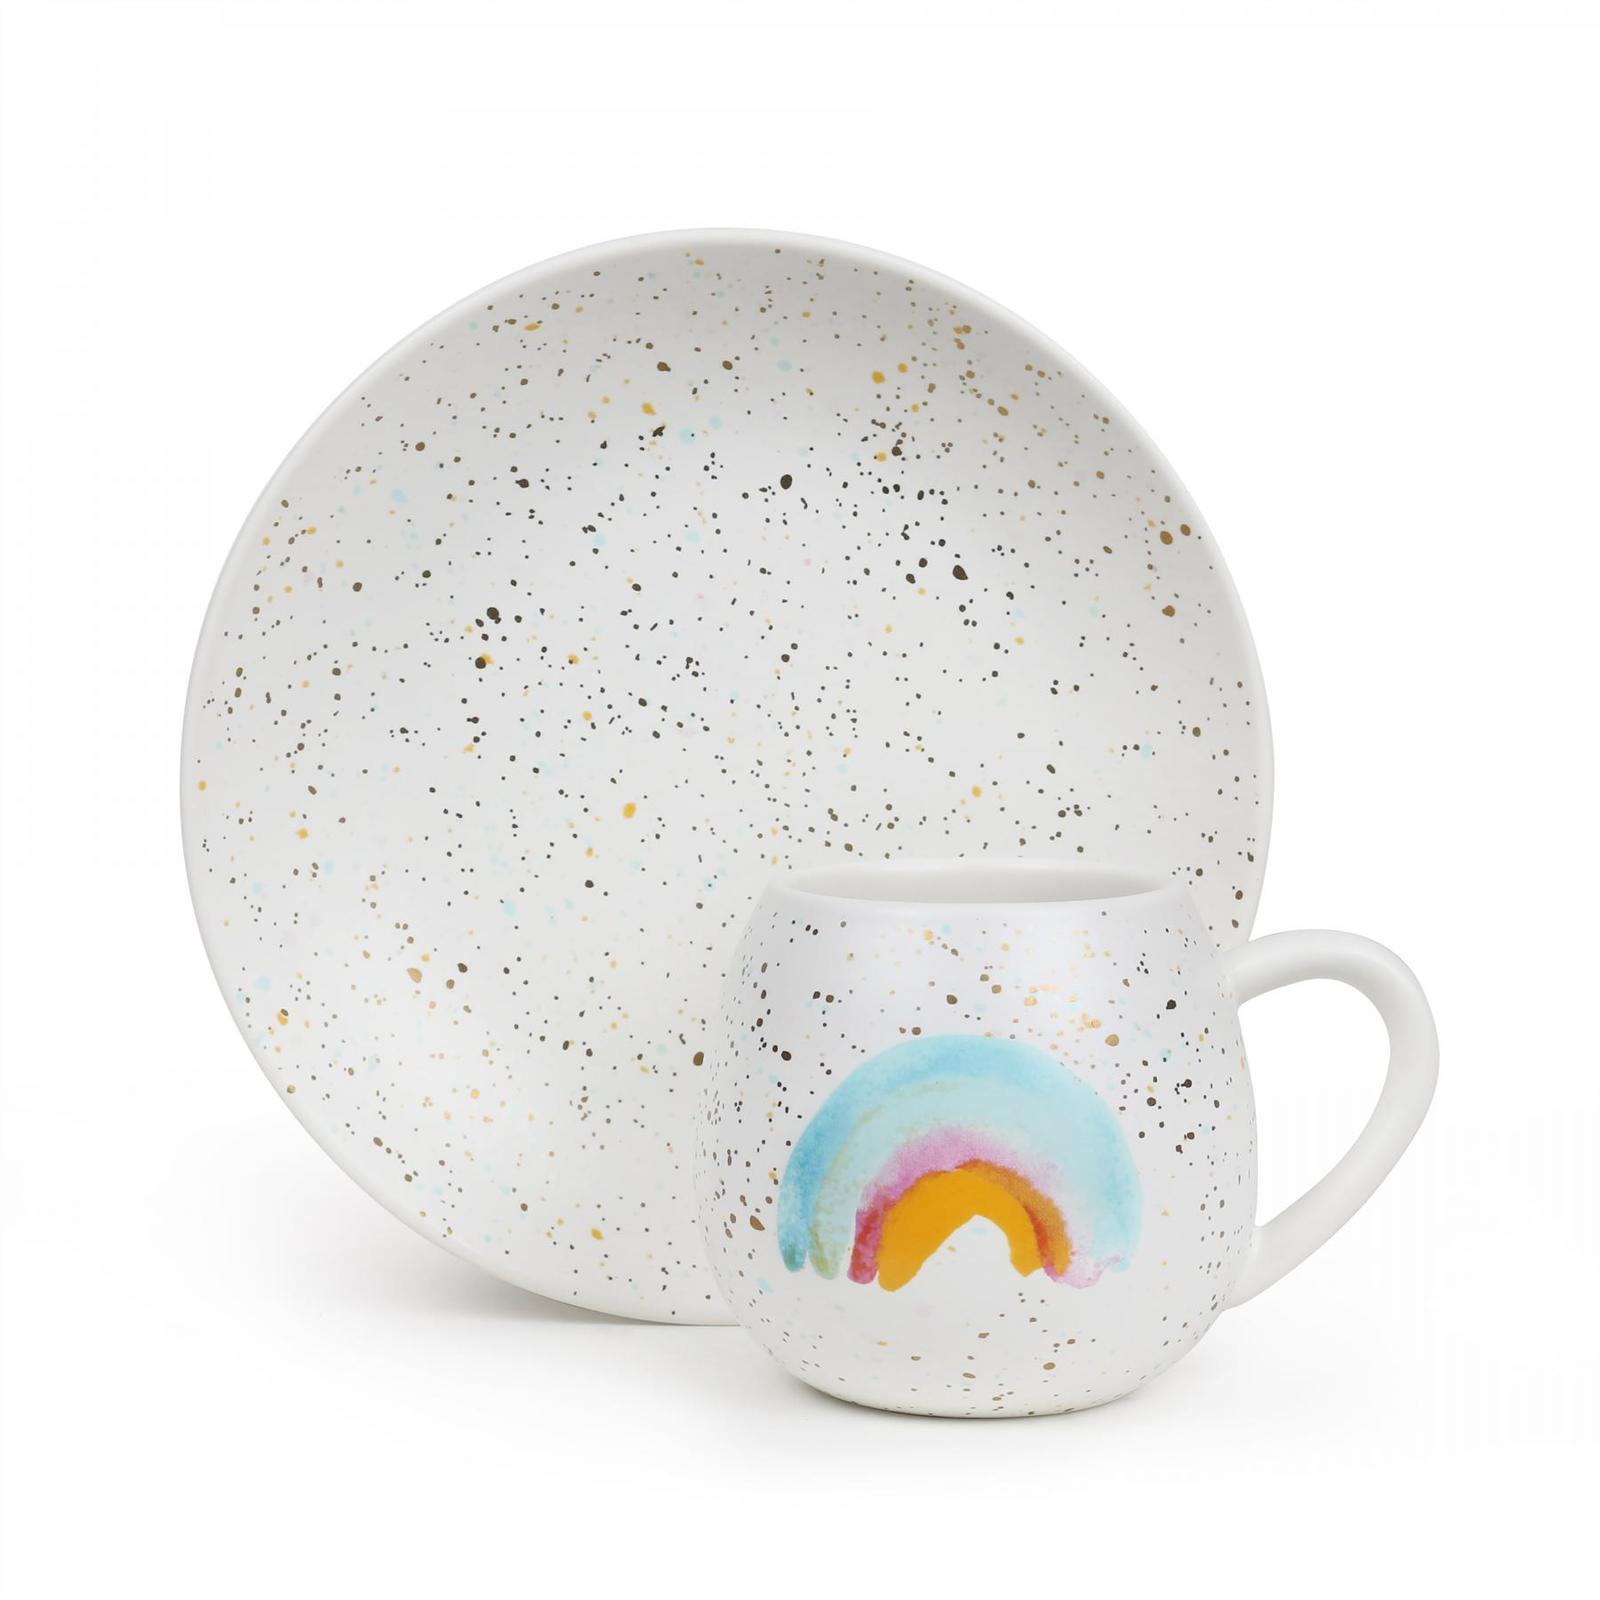 Mini Hug Me Mug and Plate Set - Rainbow & Gold Splatter image